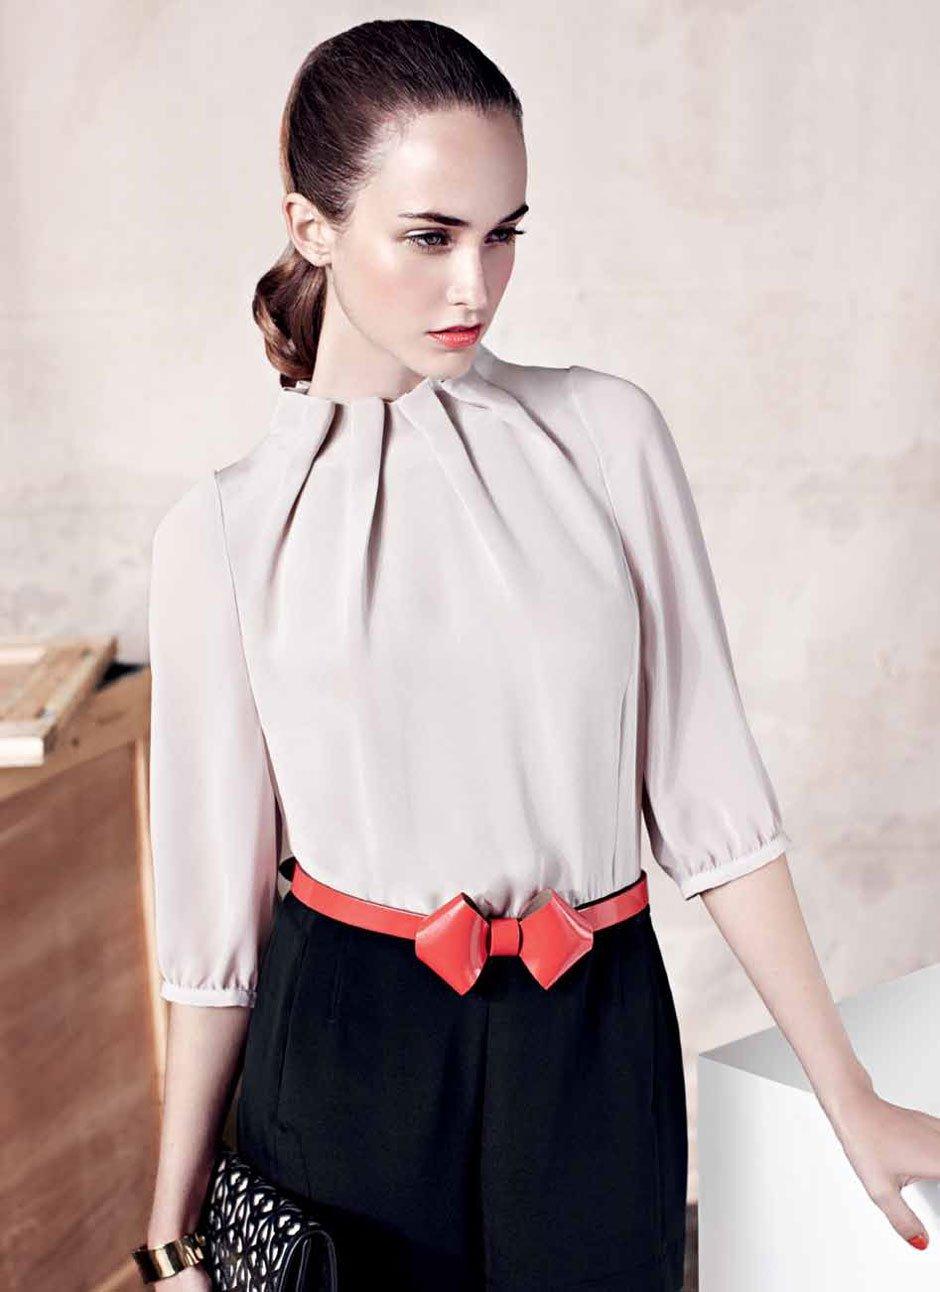 e689e8530fb Женские рубашки из шелка » Фасоны сарафанов